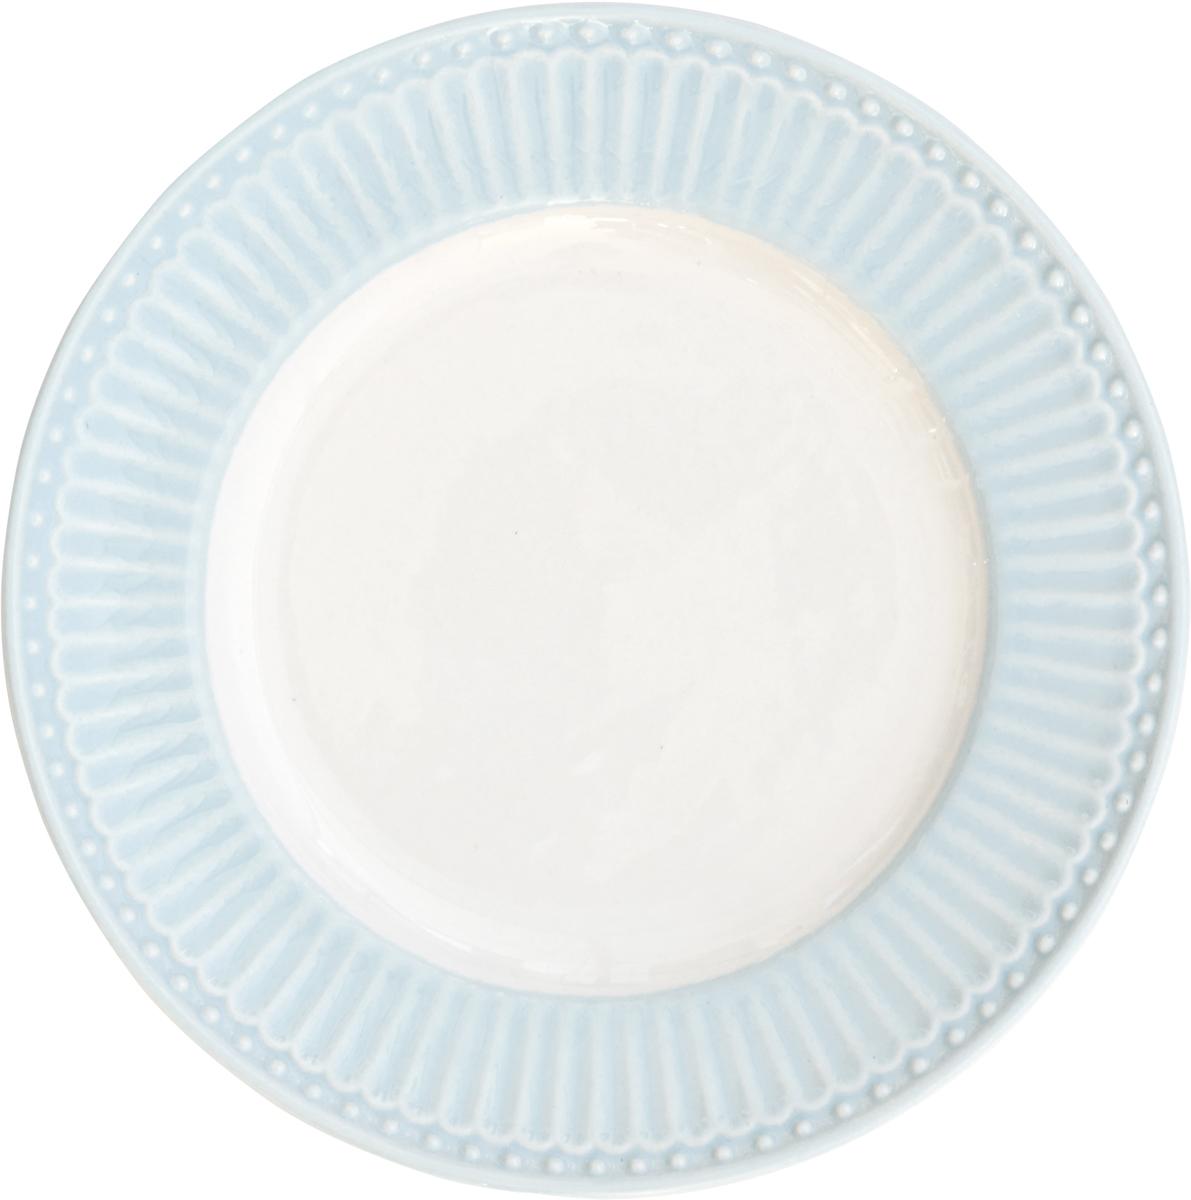 Тарелка десертная Alice, цвет: голубой, диаметр 17,5 смSTWPLASAALI2906Десертная тарелка датского производства Alice pale blue, выполненная из высококачественного фарфора, несомненно, станет украшением как праздничного стола, так и повседневной сервировки. Базовая коллекция Alice создана для идеального сочетания посуды ранних и будущих коллекций Greengate. Впервые появилась в каталогах в 2016 году и с тех пор завоевала миллионы сердец своей универсальностью, зефирной нежностью и разнообразием посудной линейки. Коллекция Alice в пастельных тонах (pink, blue, green) превосходно сочетается как между собой, так и с классическими цветочными принтами, разбавляет их и облегчает композицию. Солнечный желтый цвет Alice pale yellow в сервировке вносит свежесть и яркость погожего летнего денька. Выполнена из высококачественного фарфора, устойчивого к сколам, допускается использование в посудомоечной машине и микроволновой печи. Коллекция Alice – это беспроигрышный вариант как для знакомства с коллекционной посудой Greengate, так и для принципа «mix and match» (смешивай и сочетай).